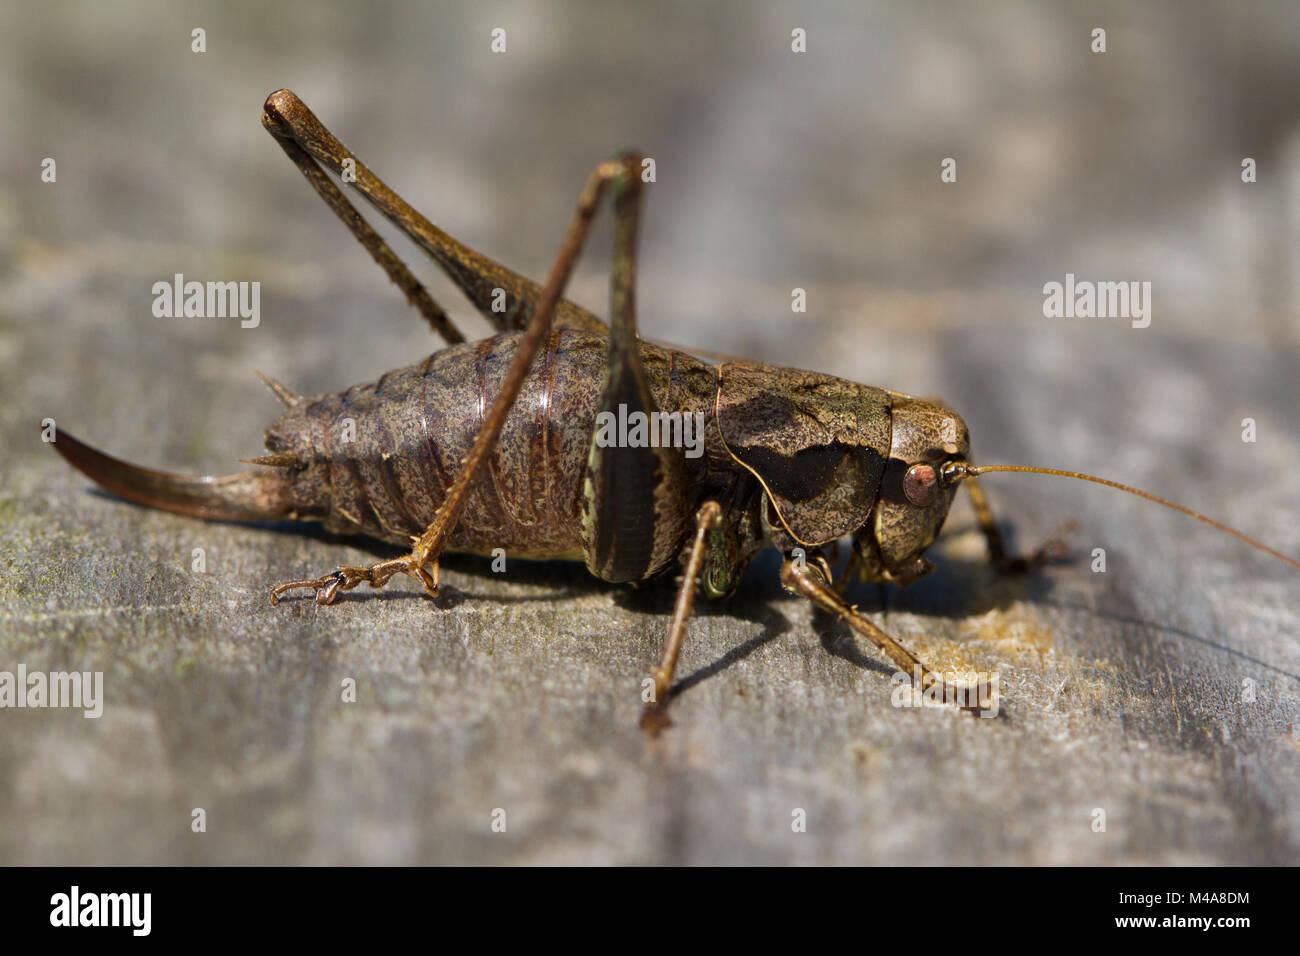 Femmina bussola scuro-cricket (Pholidoptera griseoaptera) crogiolarvi al sole su una passerella in legno Immagini Stock